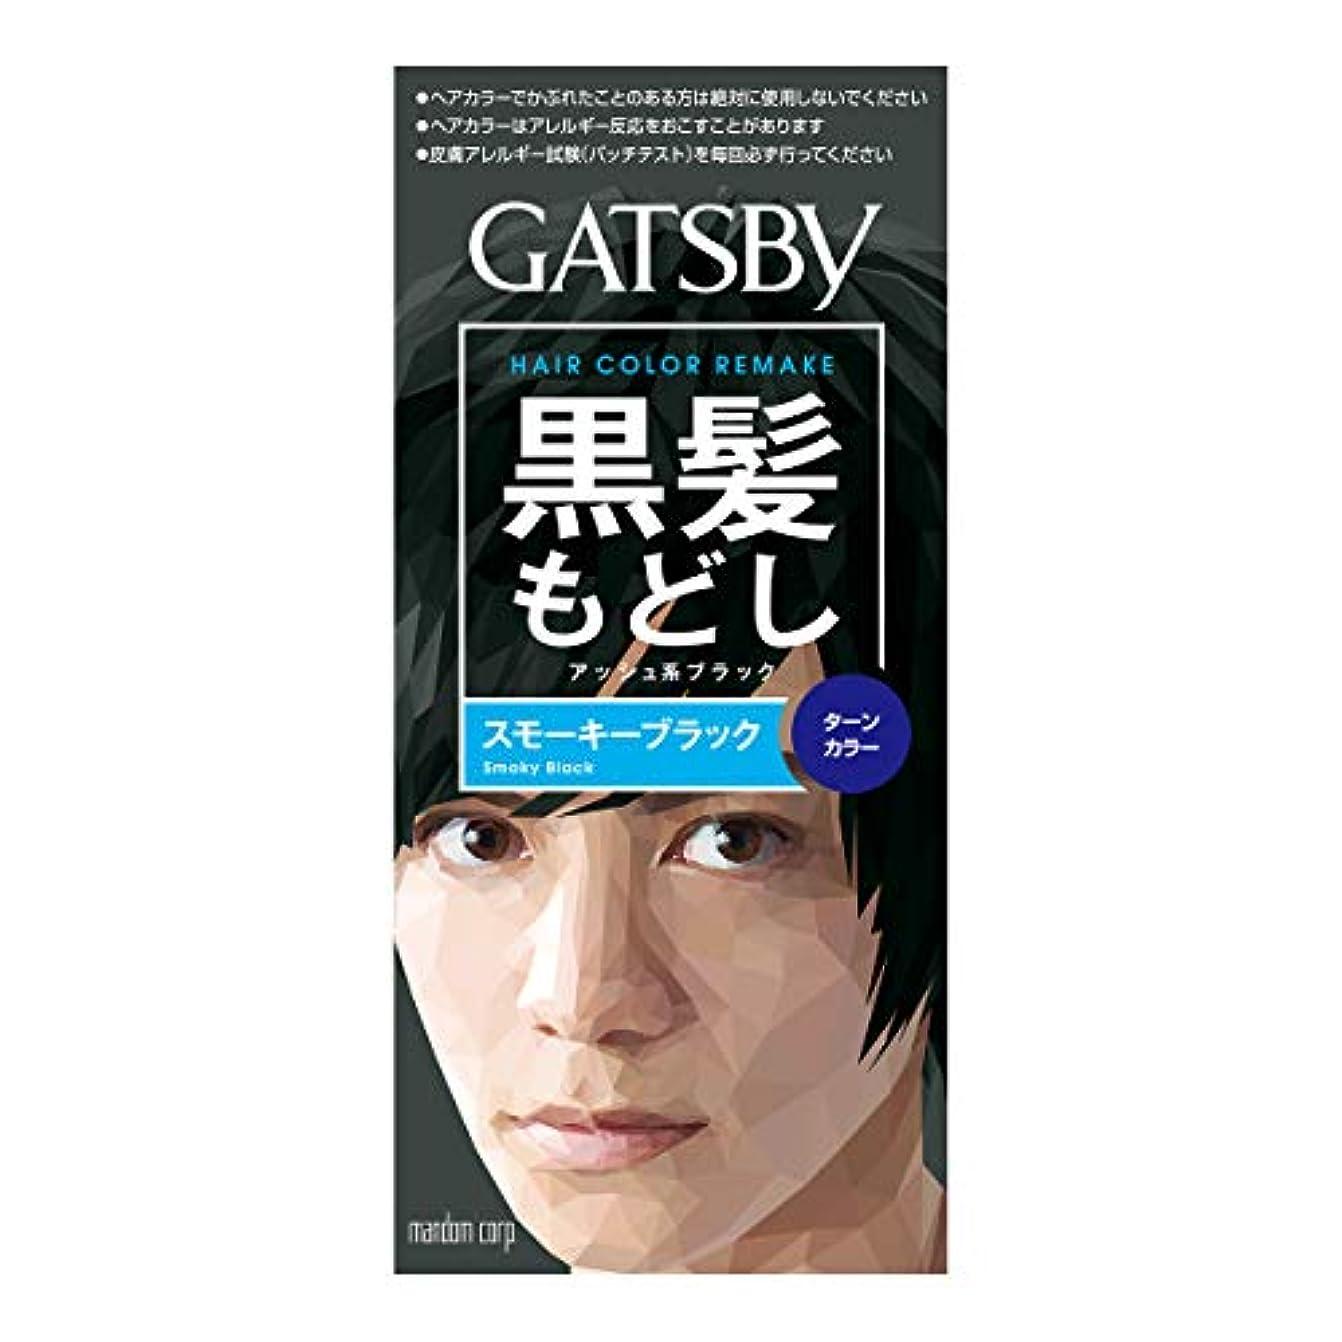 受賞精巧な似ているギャツビー ターンカラー スモーキーブラック【HTRC5.1】